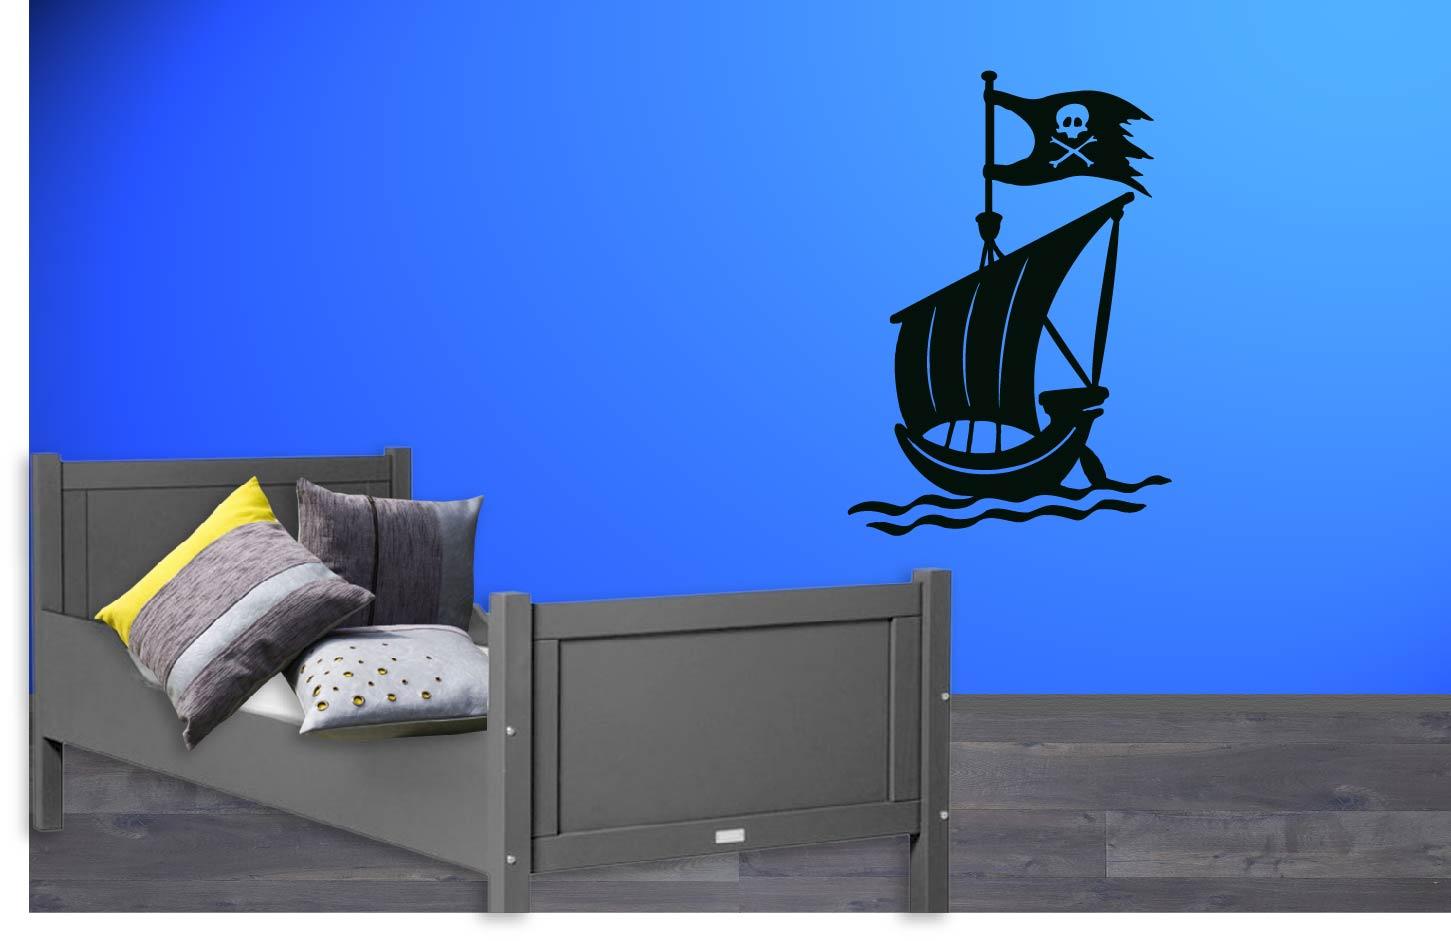 Muurstickers Kinderkamer Piraat.Muursticker Piratenboot De Fabriek Muurstickers